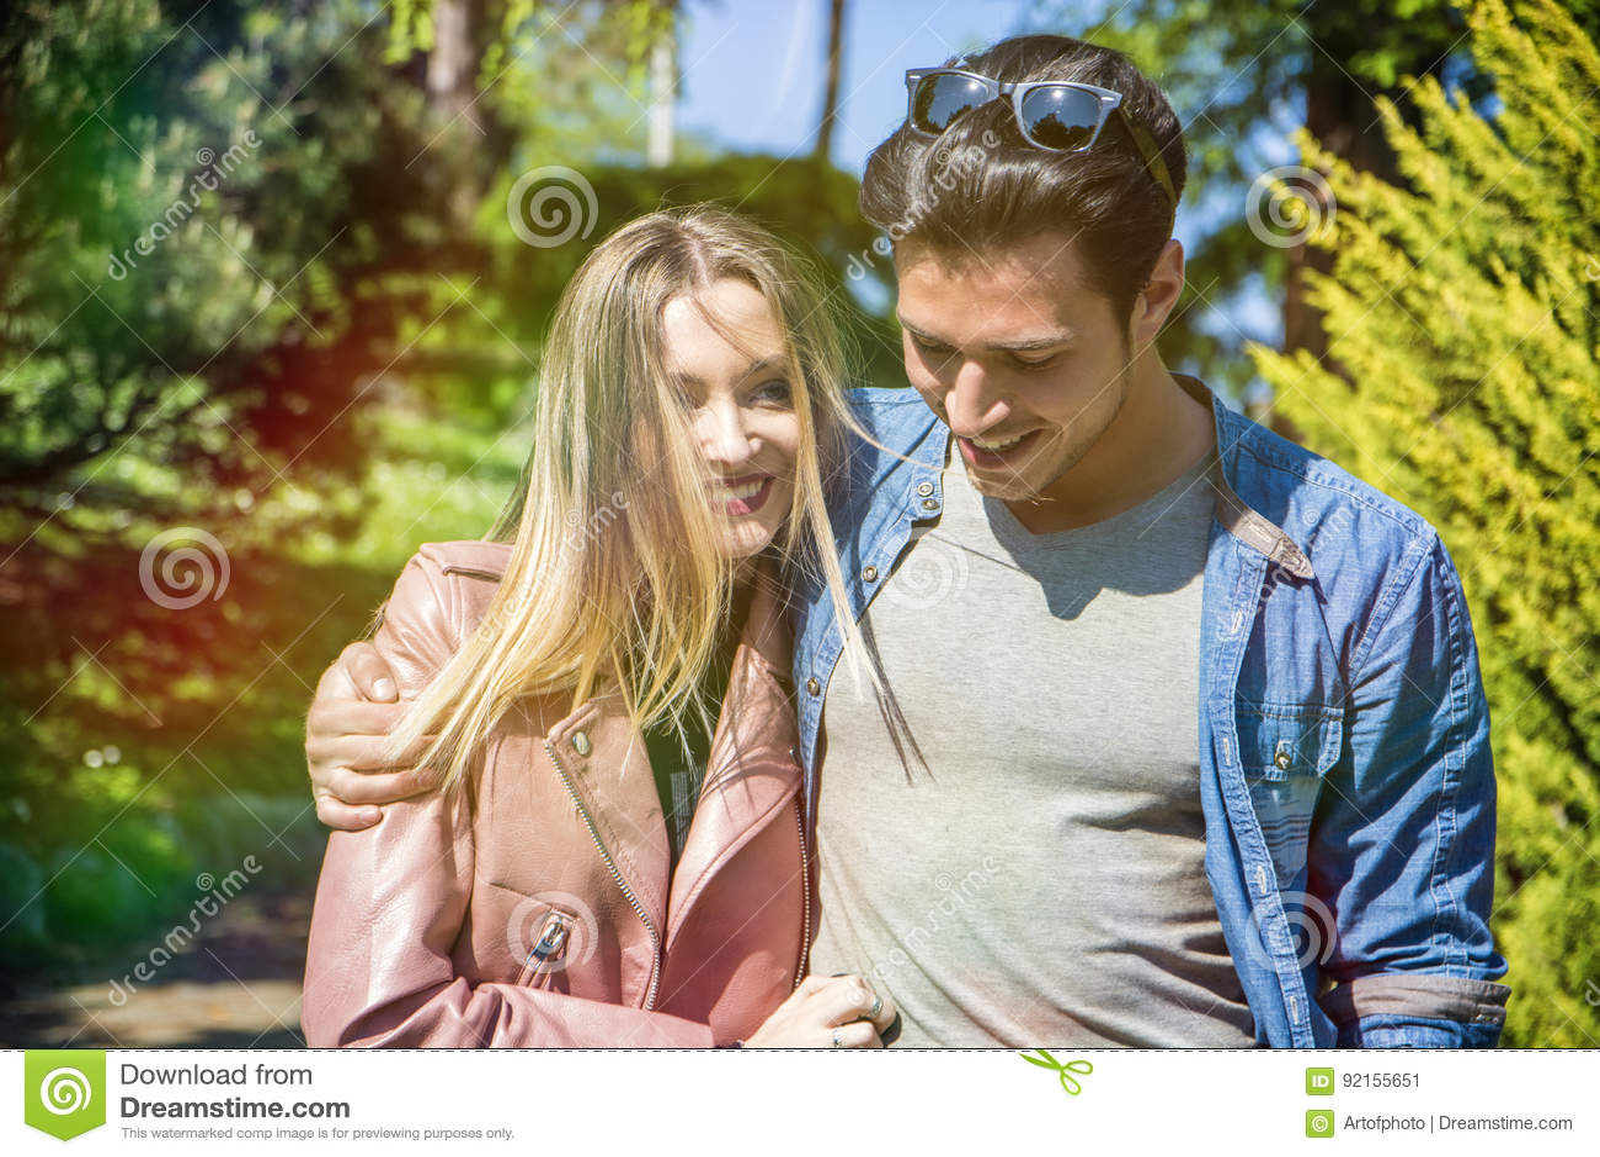 Online-Dating in coimbatore